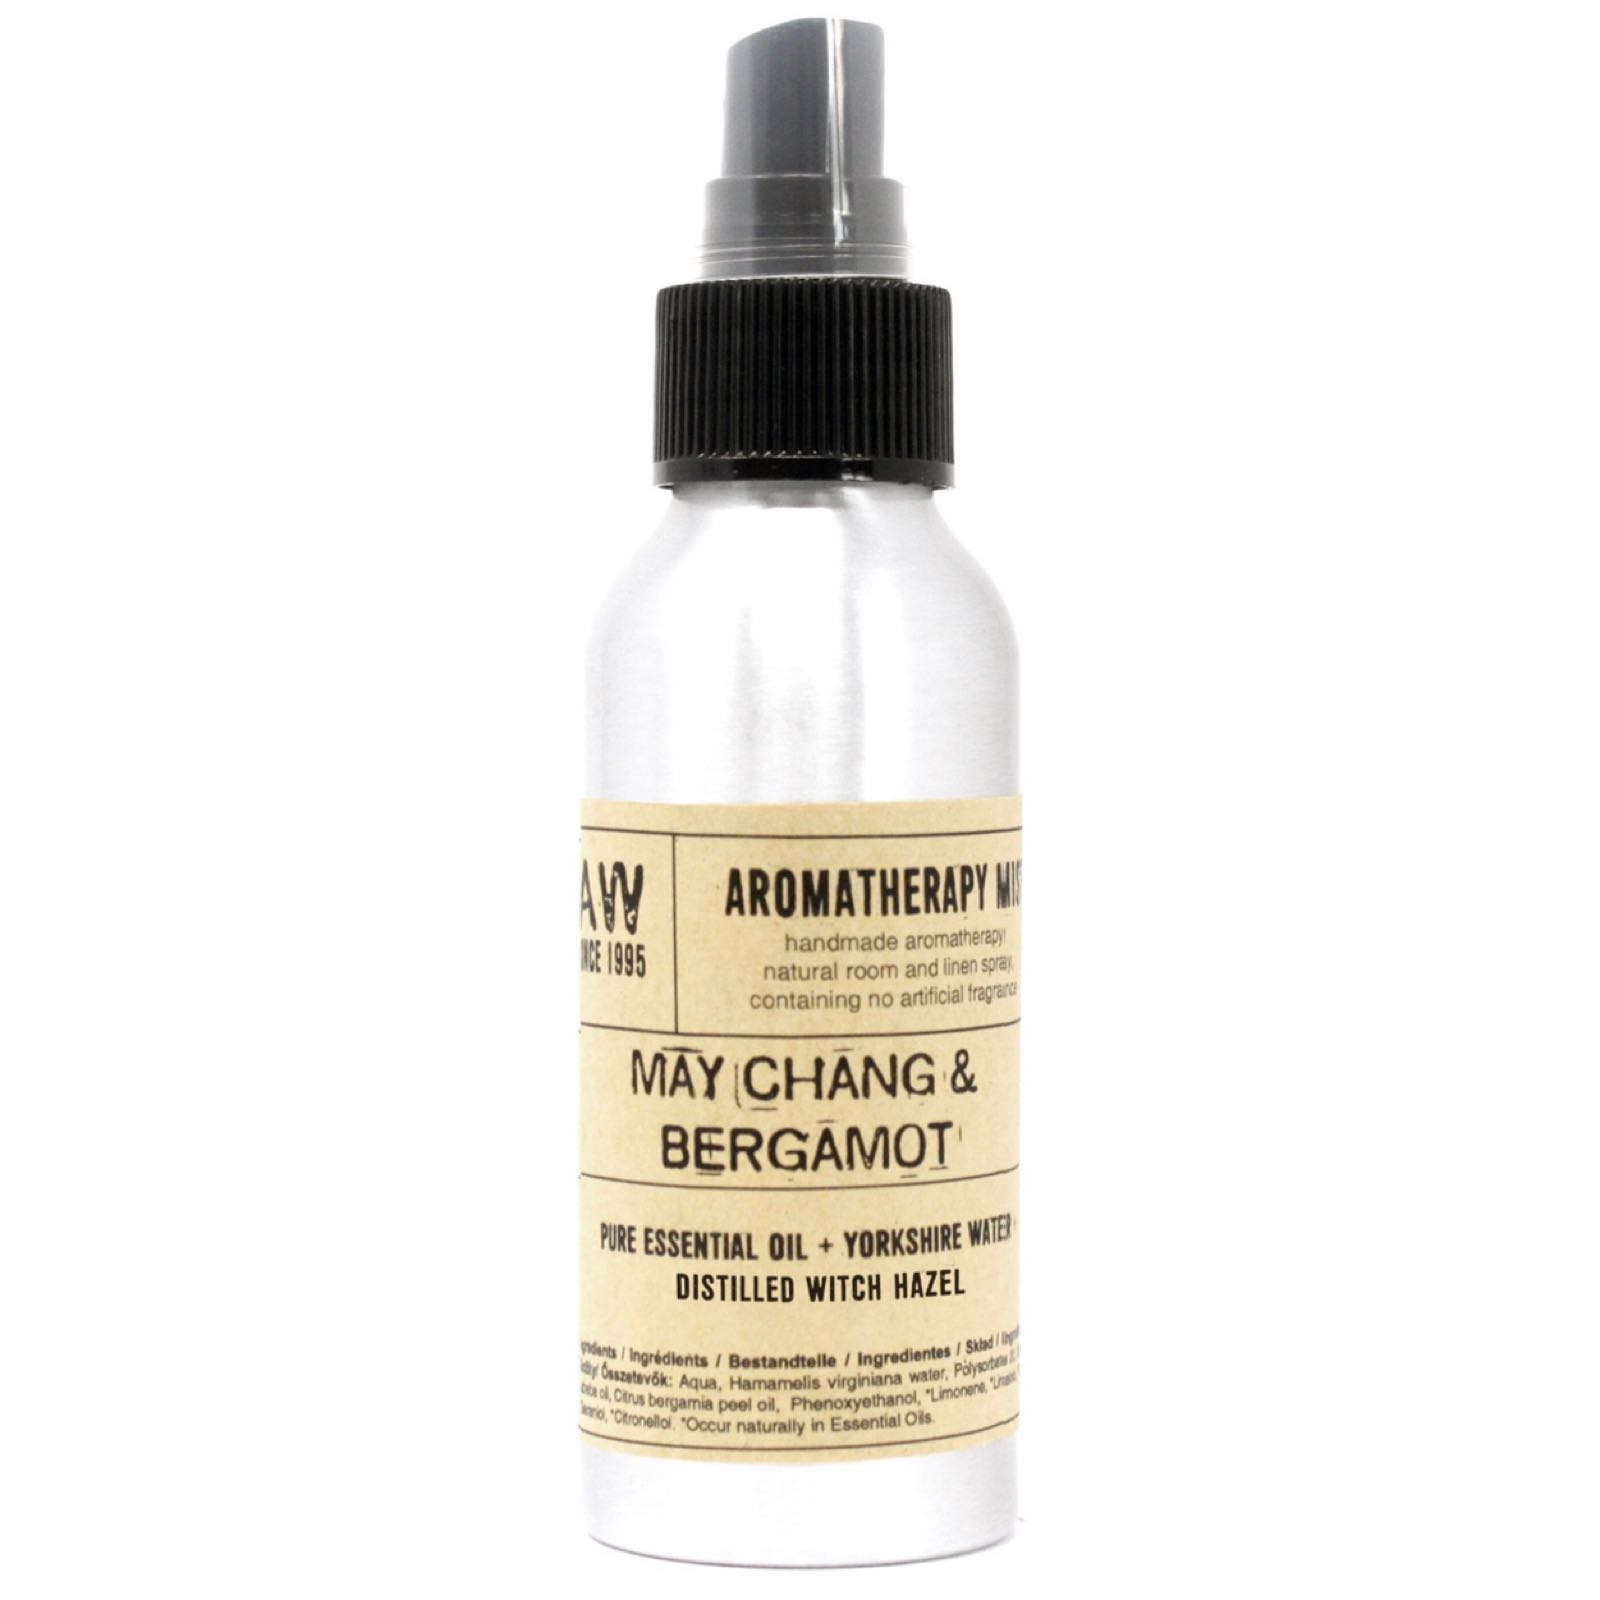 May Chang & Bergamot Aromatherapy Mist